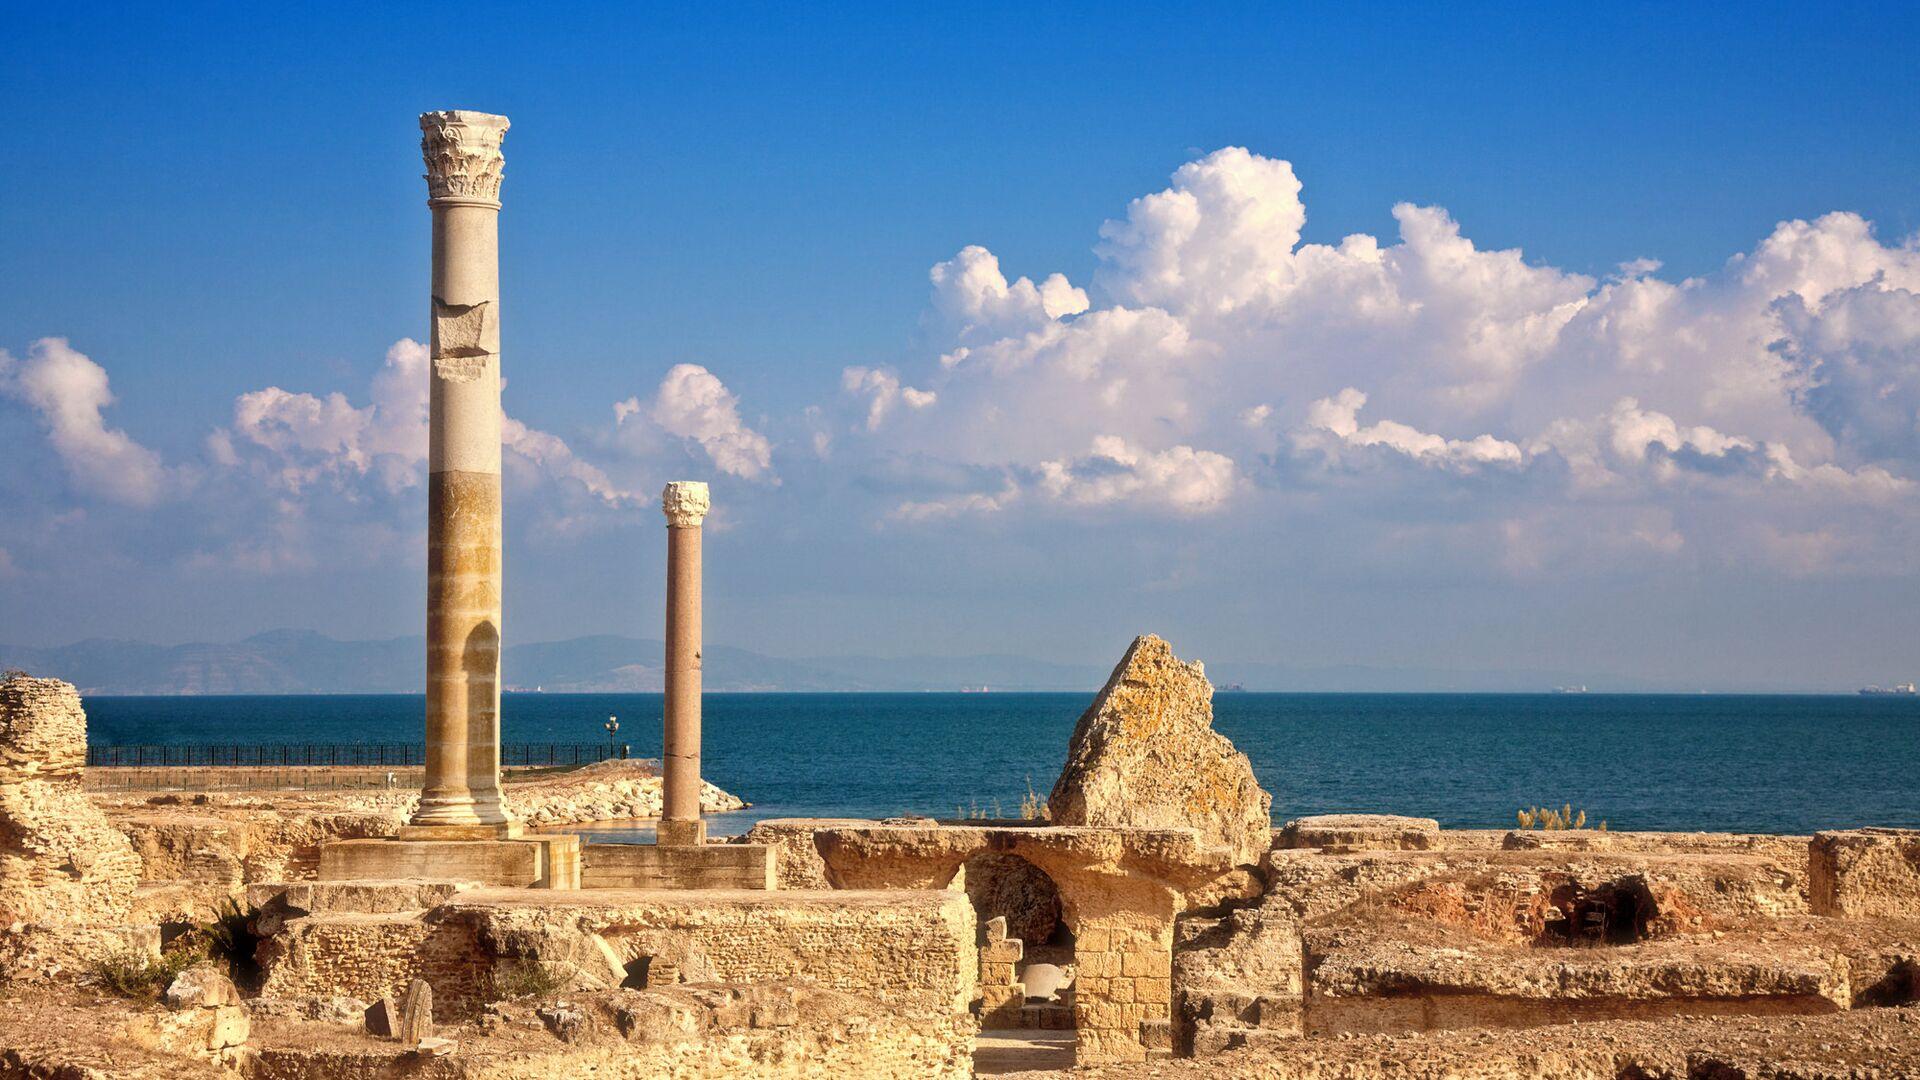 Руины города Карфаген, Тунис - РИА Новости, 1920, 07.06.2021